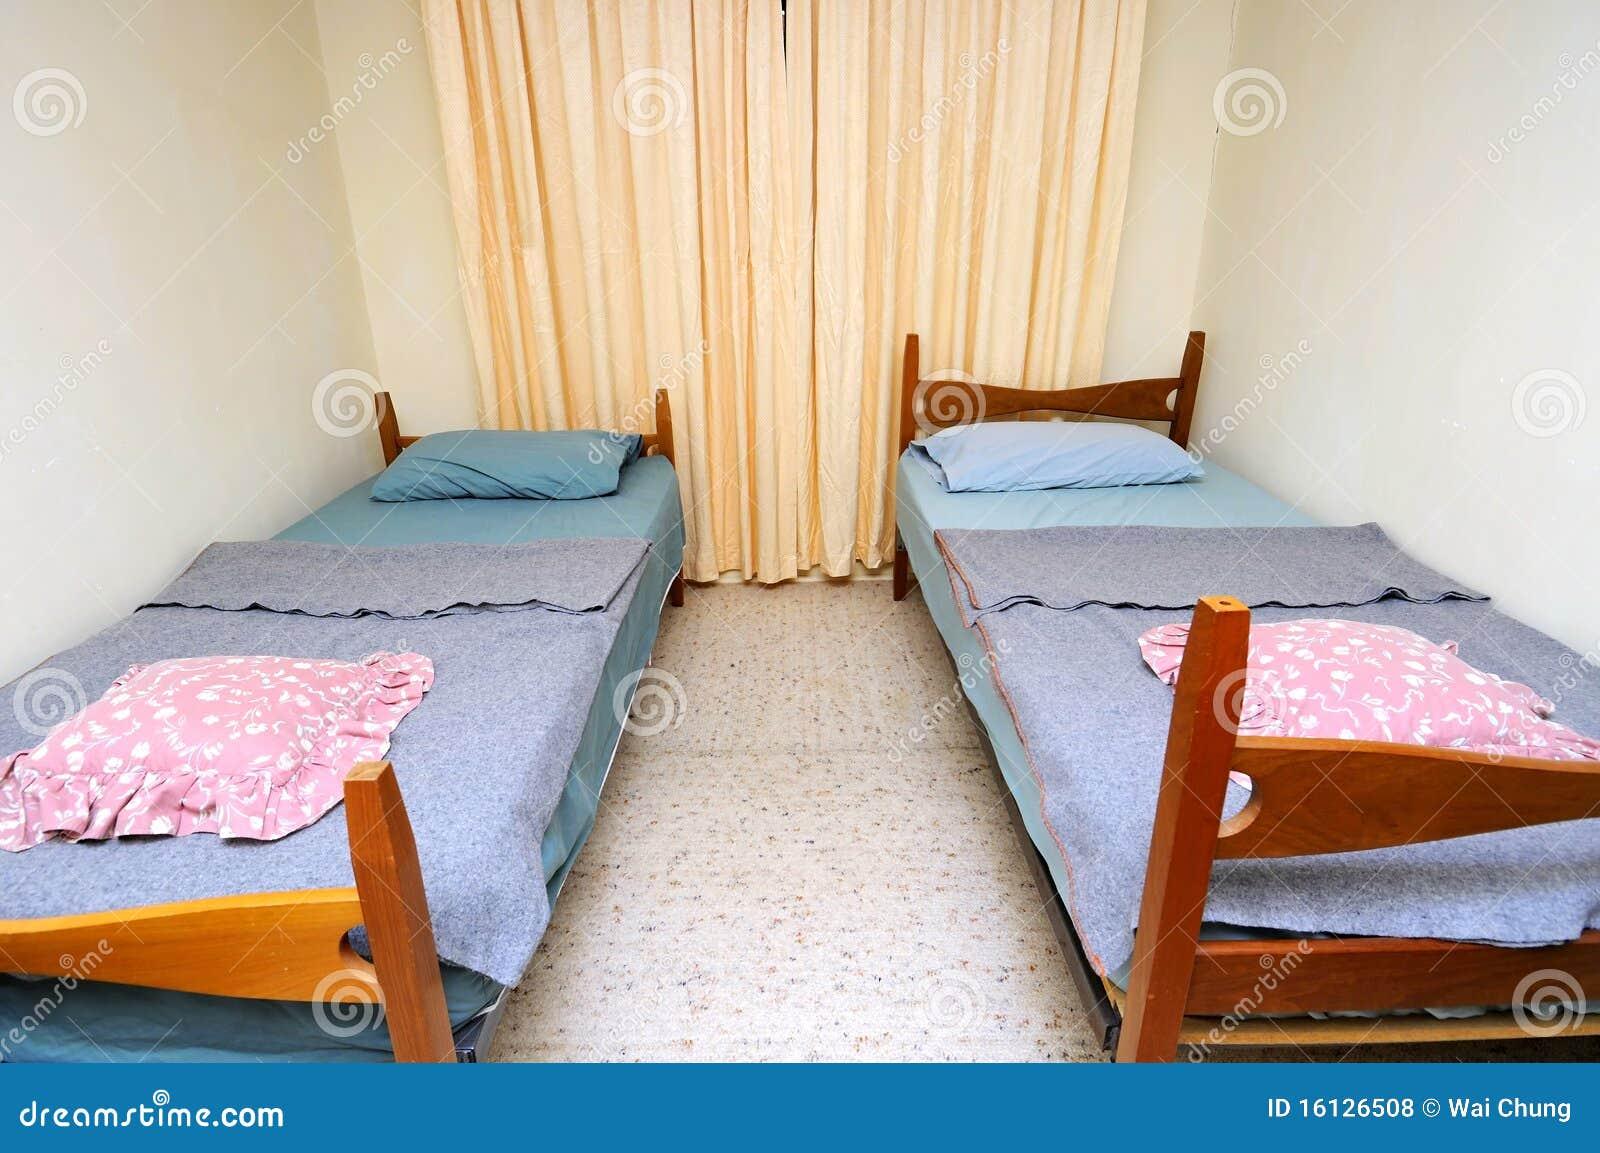 Camas Gêmeas No Quarto De Motel Simples Fotos de Stock Royalty Free  Imagem